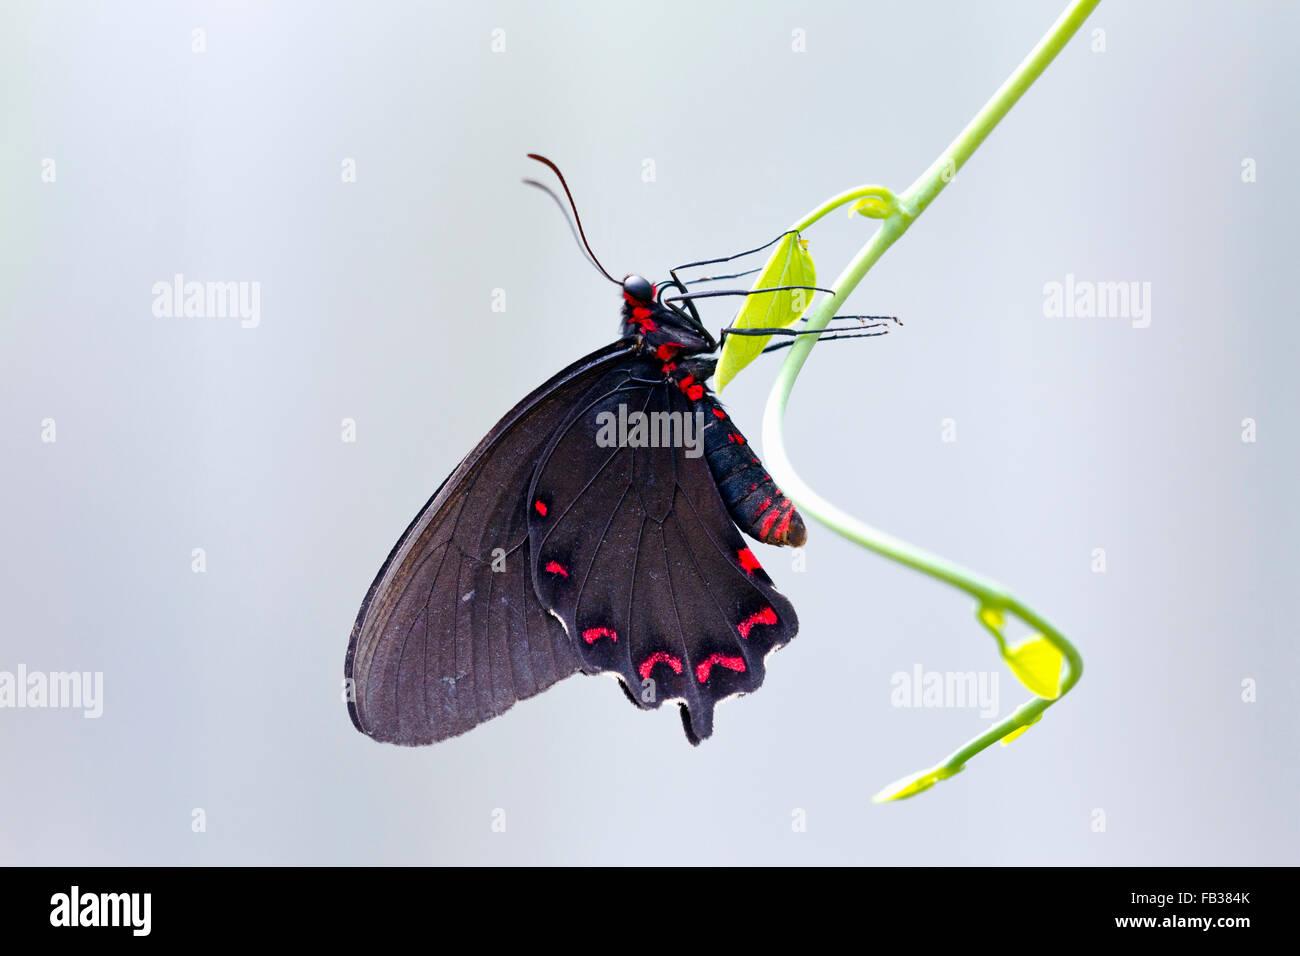 Negro y rojo, especie de mariposa Foto de stock